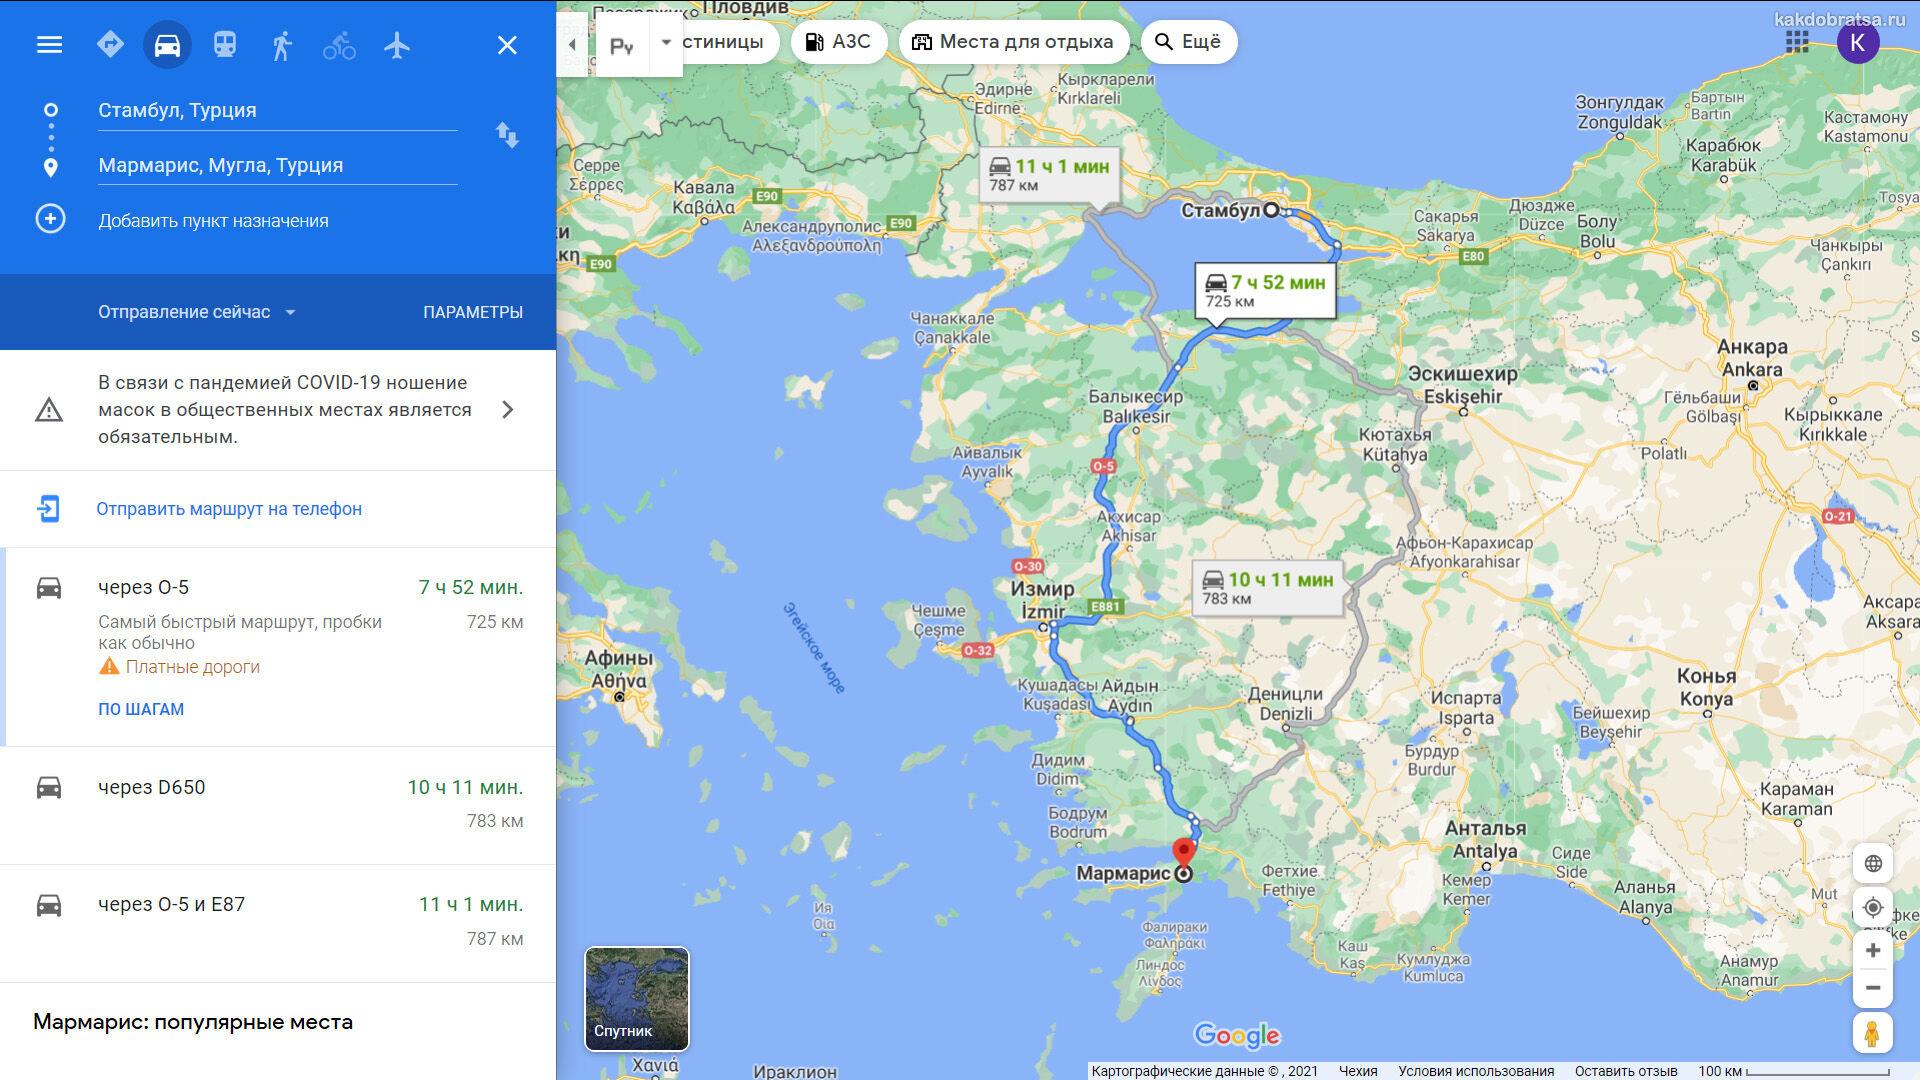 Как добраться из Стамбула в Мармарис - карта